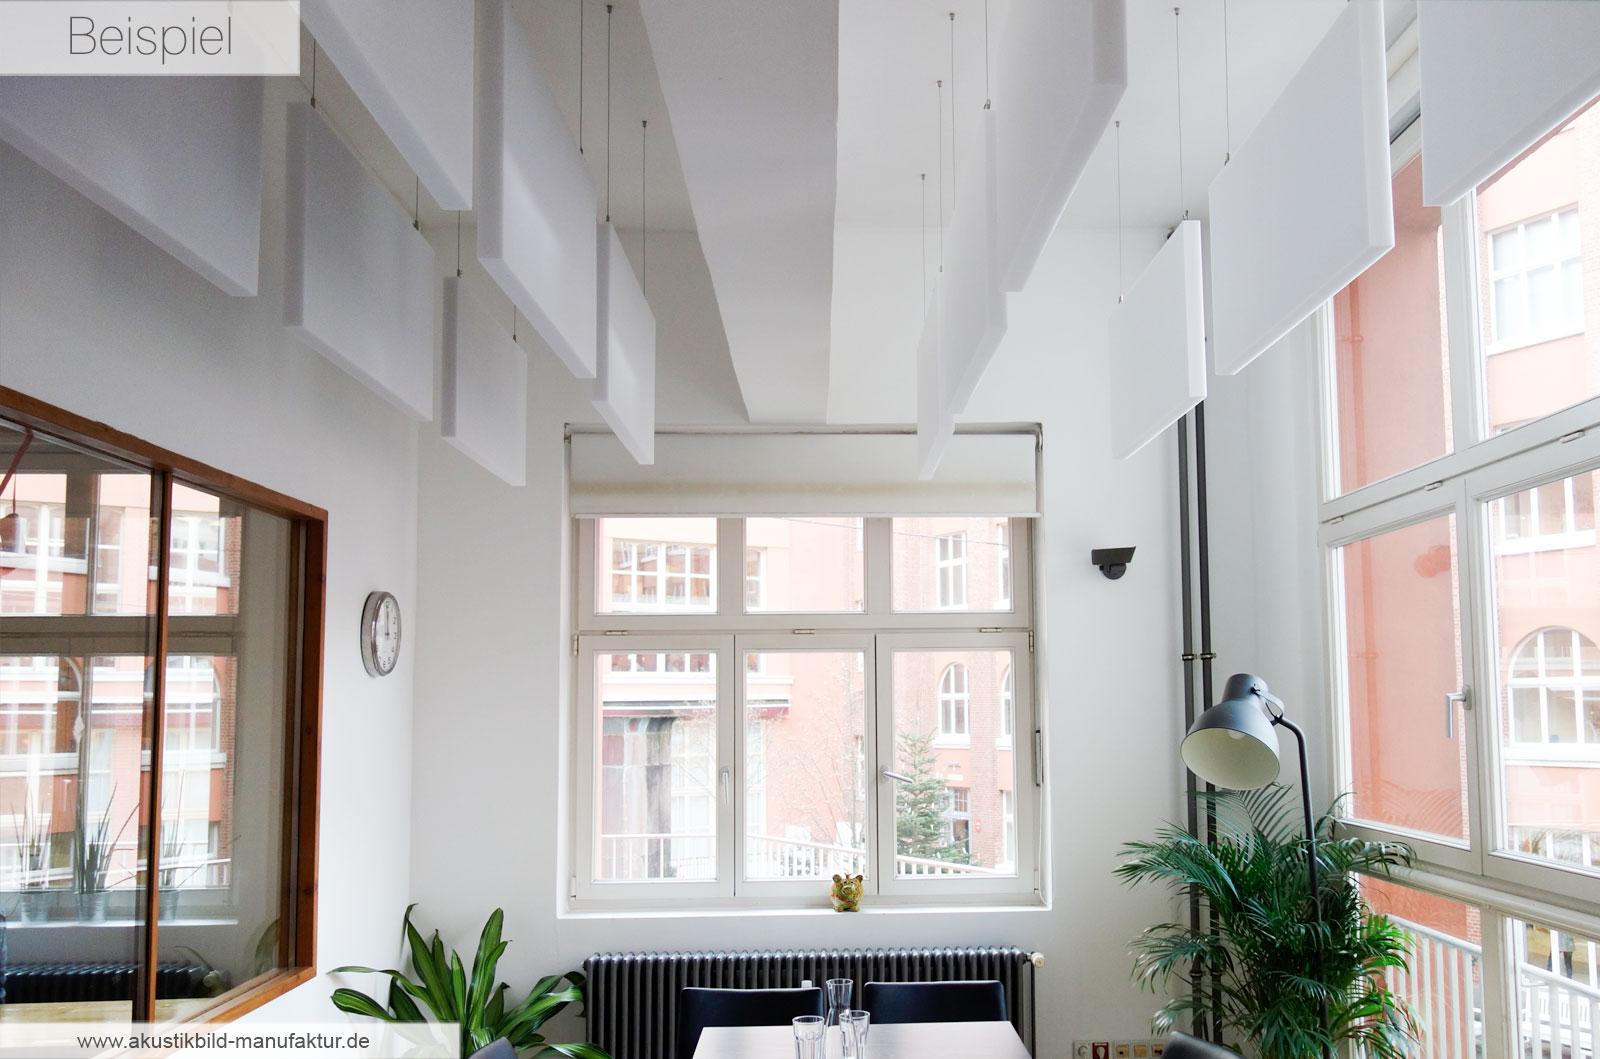 decke mit stoff bespannen cheap swaltex gewebe with decke mit stoff bespannen best harmonische. Black Bedroom Furniture Sets. Home Design Ideas